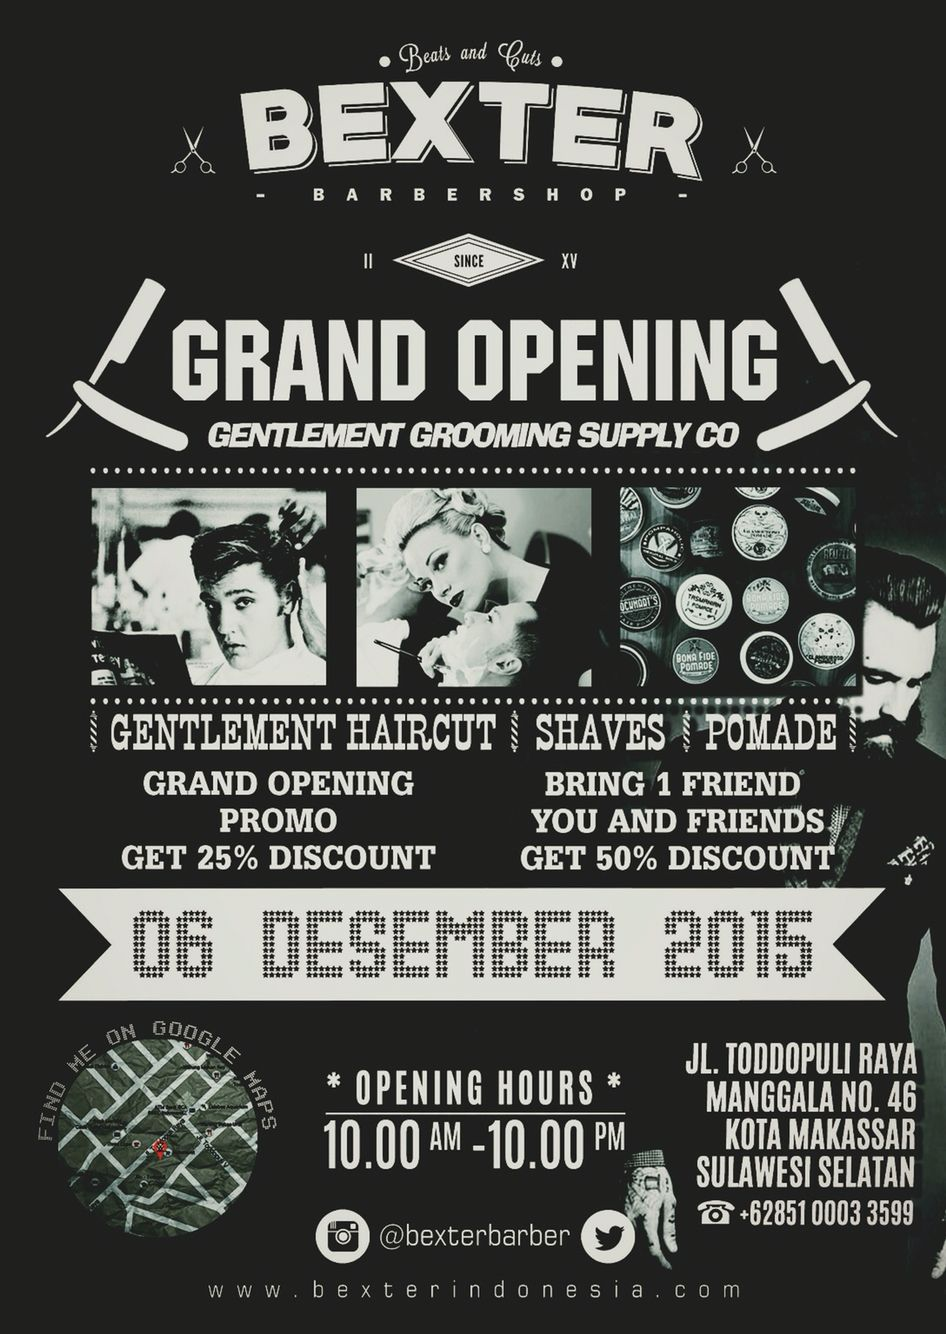 Vintage Poster Barbershop Grand Opening Makassar Indonesia - Hairstyle barbershop indonesia